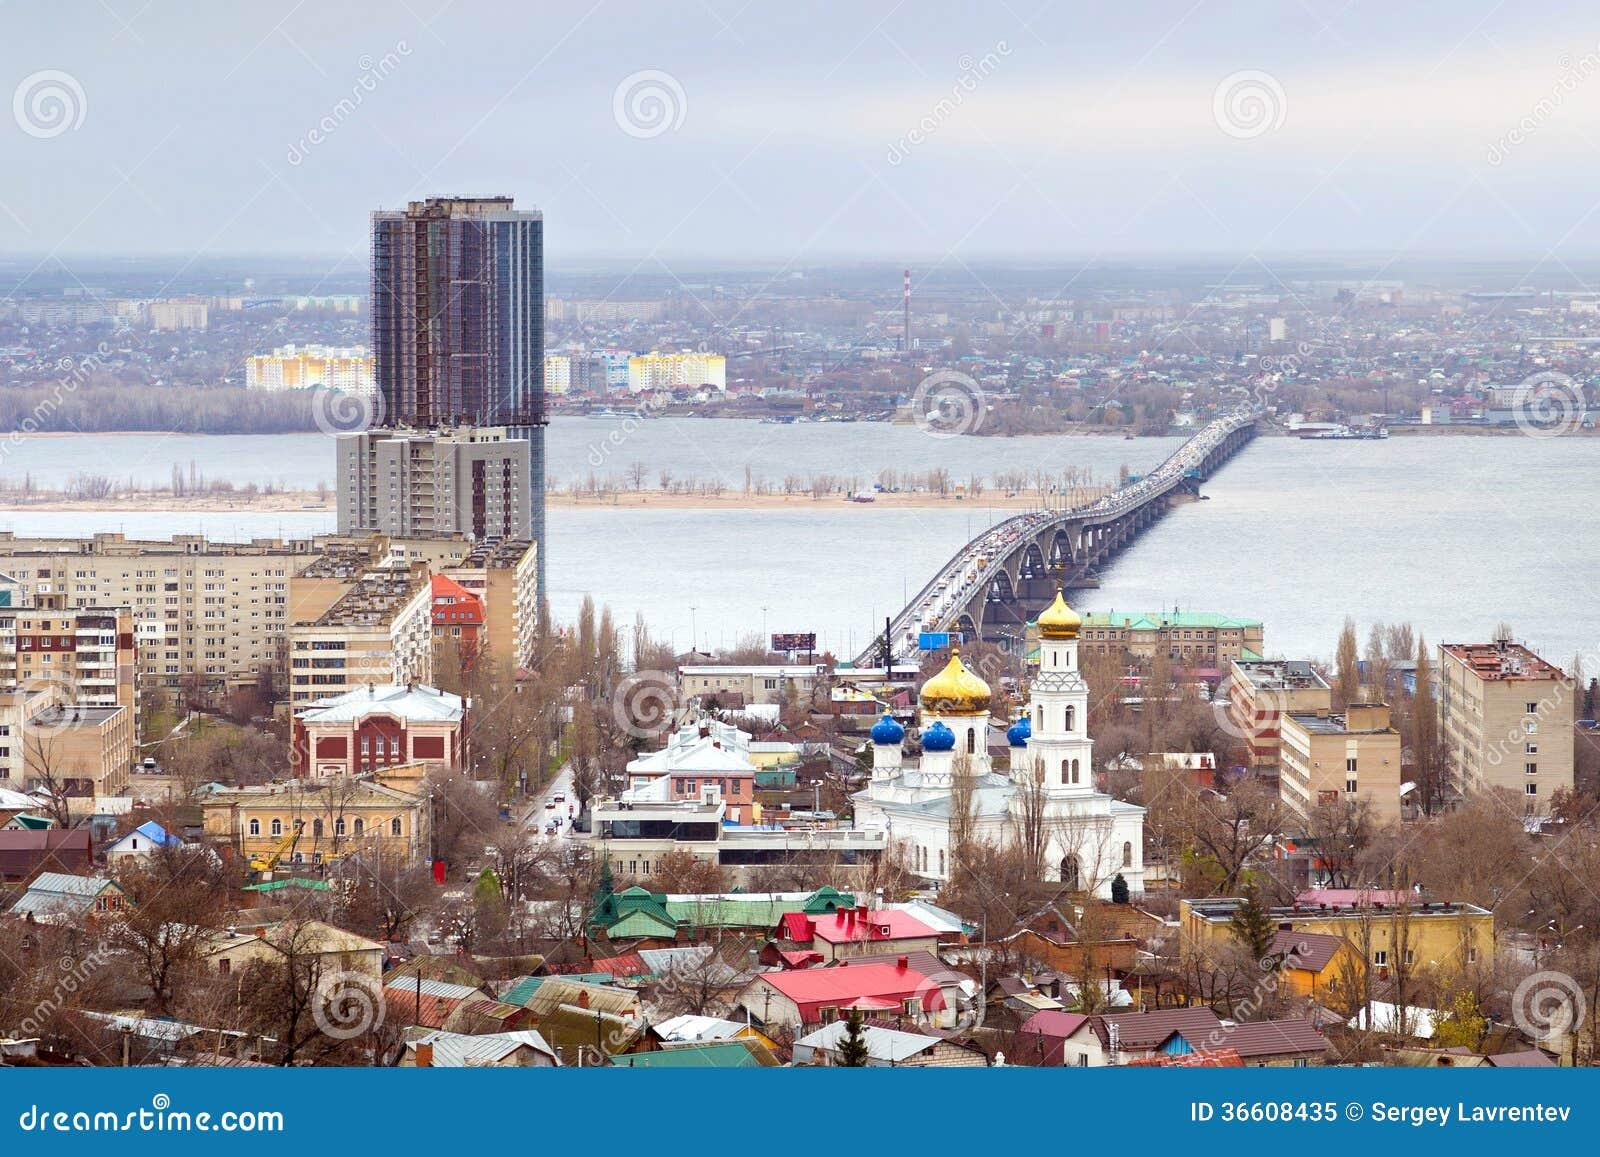 Saratov. Ryssland. Vägbro över floden Volga